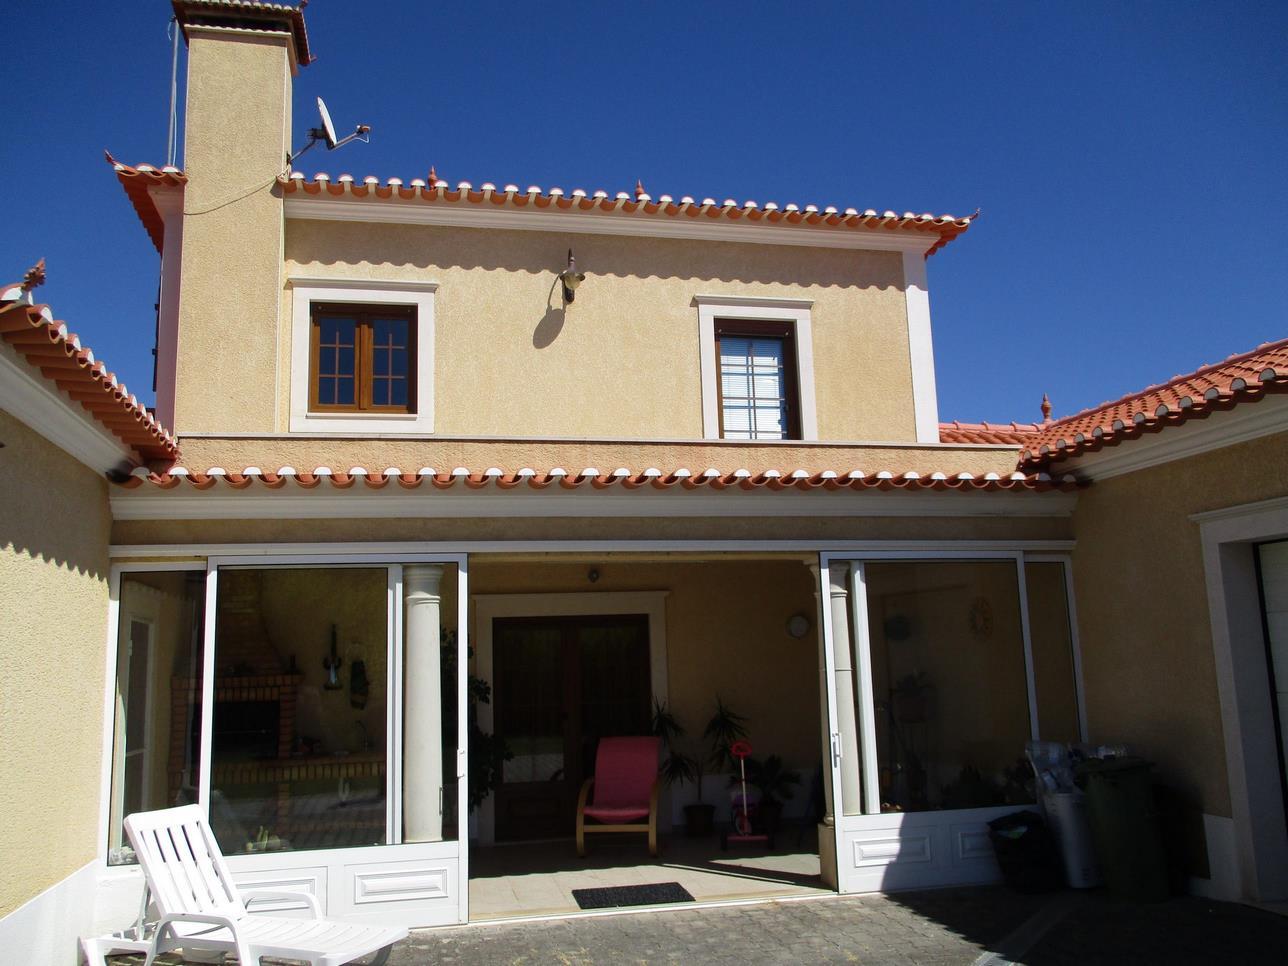 acheter maison au portugal 28 images acheter une